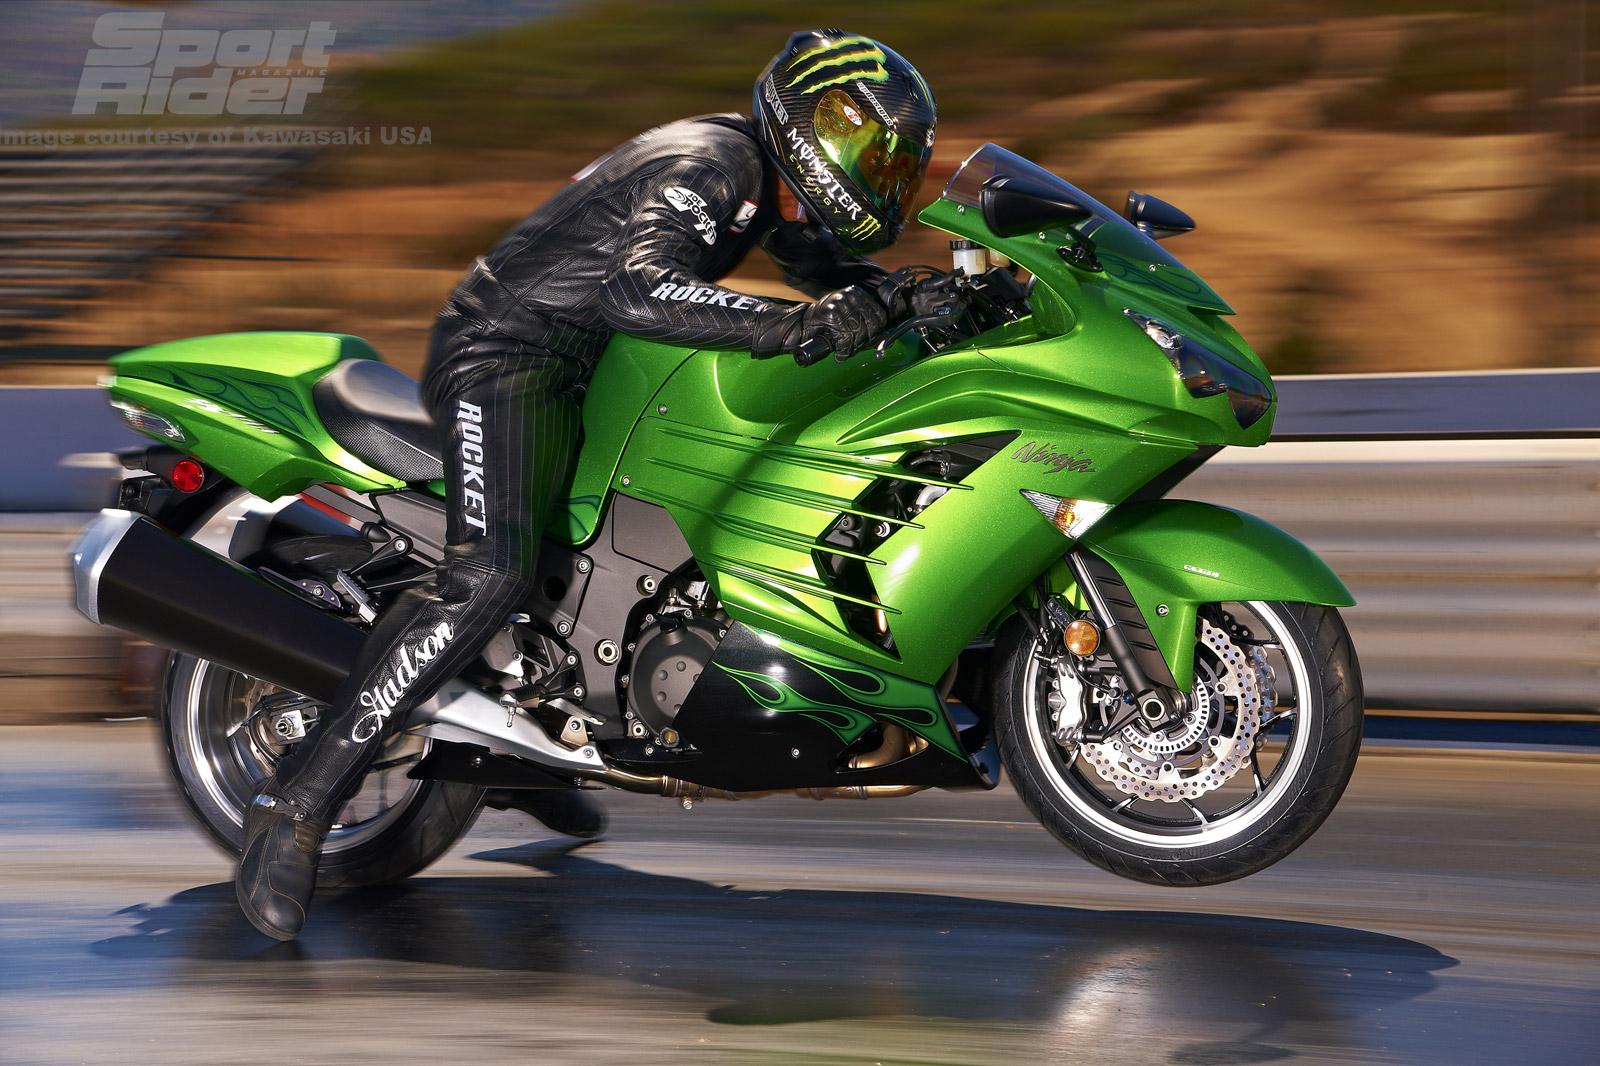 Wallpaper Hd Ducati Kawasaki Zx 14r Bike Special